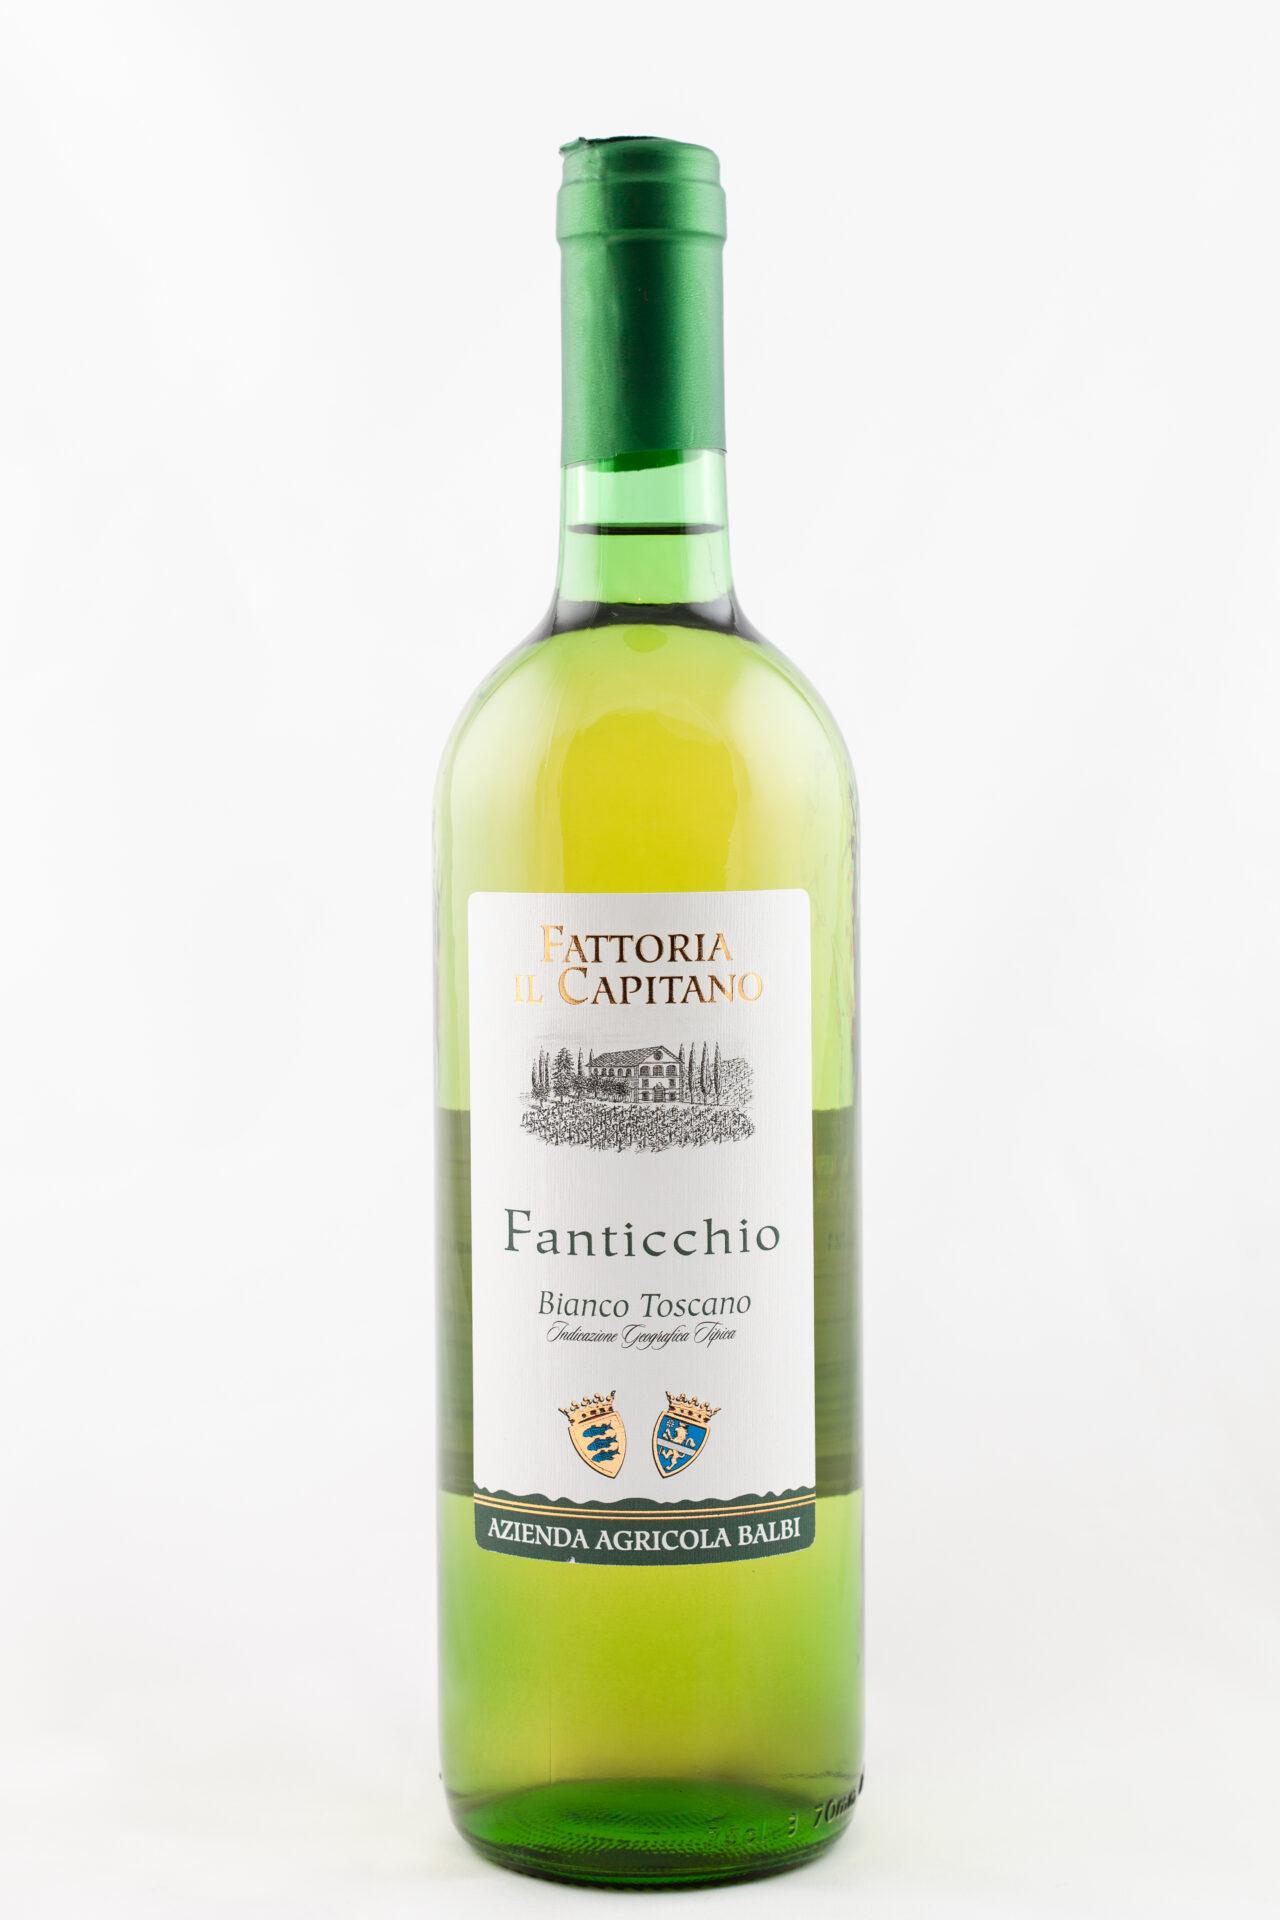 vino_Fanticchio_Bianco_Toscano_IGT_Fattoria_il_Capitano